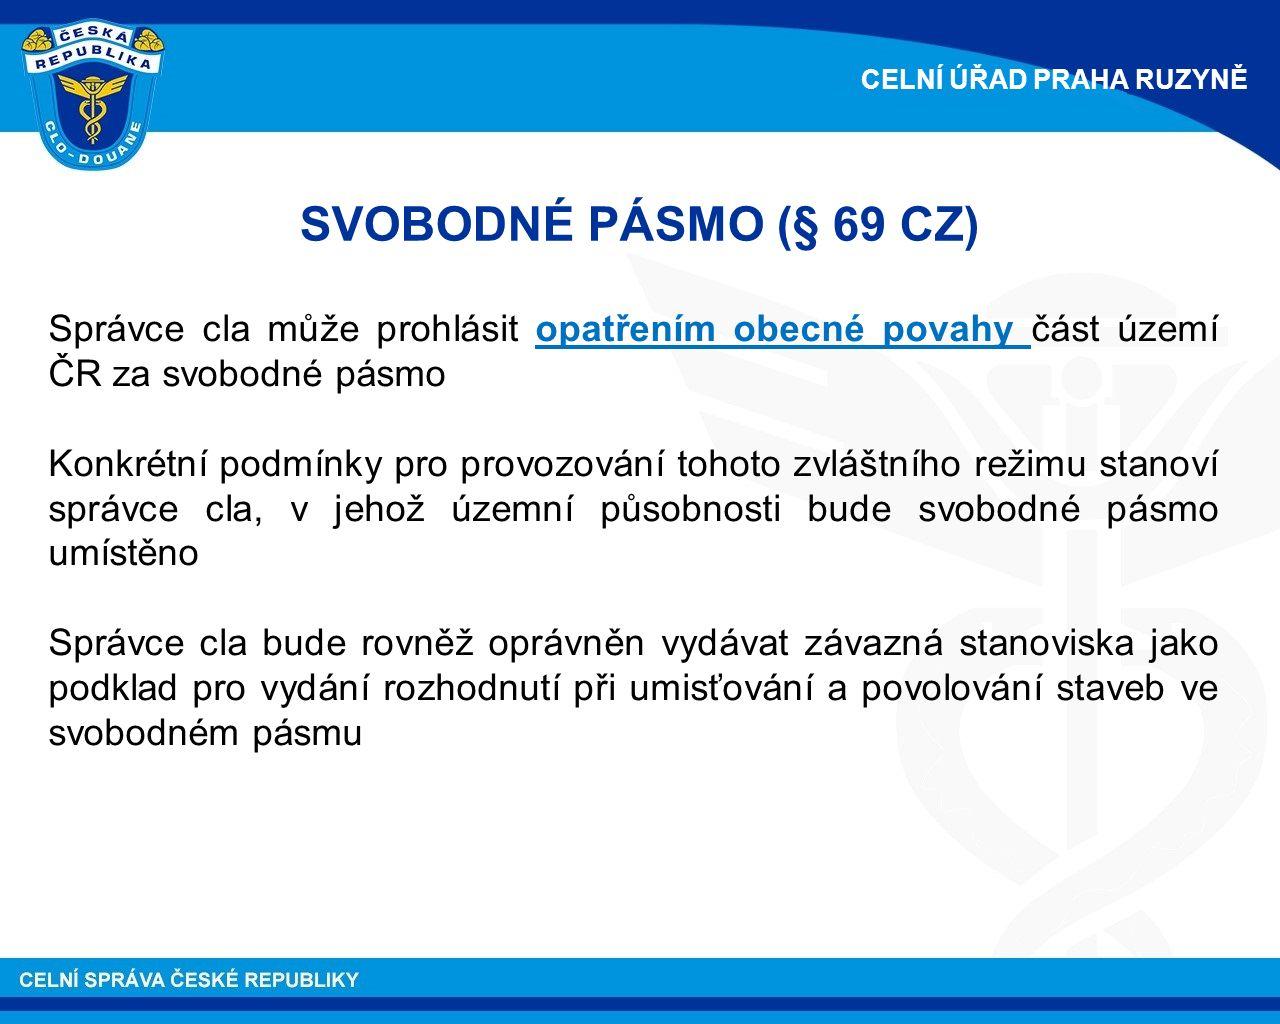 SVOBODNÉ PÁSMO (§ 69 CZ) Správce cla může prohlásit opatřením obecné povahy část území ČR za svobodné pásmo Konkrétní podmínky pro provozování tohoto zvláštního režimu stanoví správce cla, v jehož územní působnosti bude svobodné pásmo umístěno Správce cla bude rovněž oprávněn vydávat závazná stanoviska jako podklad pro vydání rozhodnutí při umisťování a povolování staveb ve svobodném pásmu CELNÍ ÚŘAD PRAHA RUZYNĚ